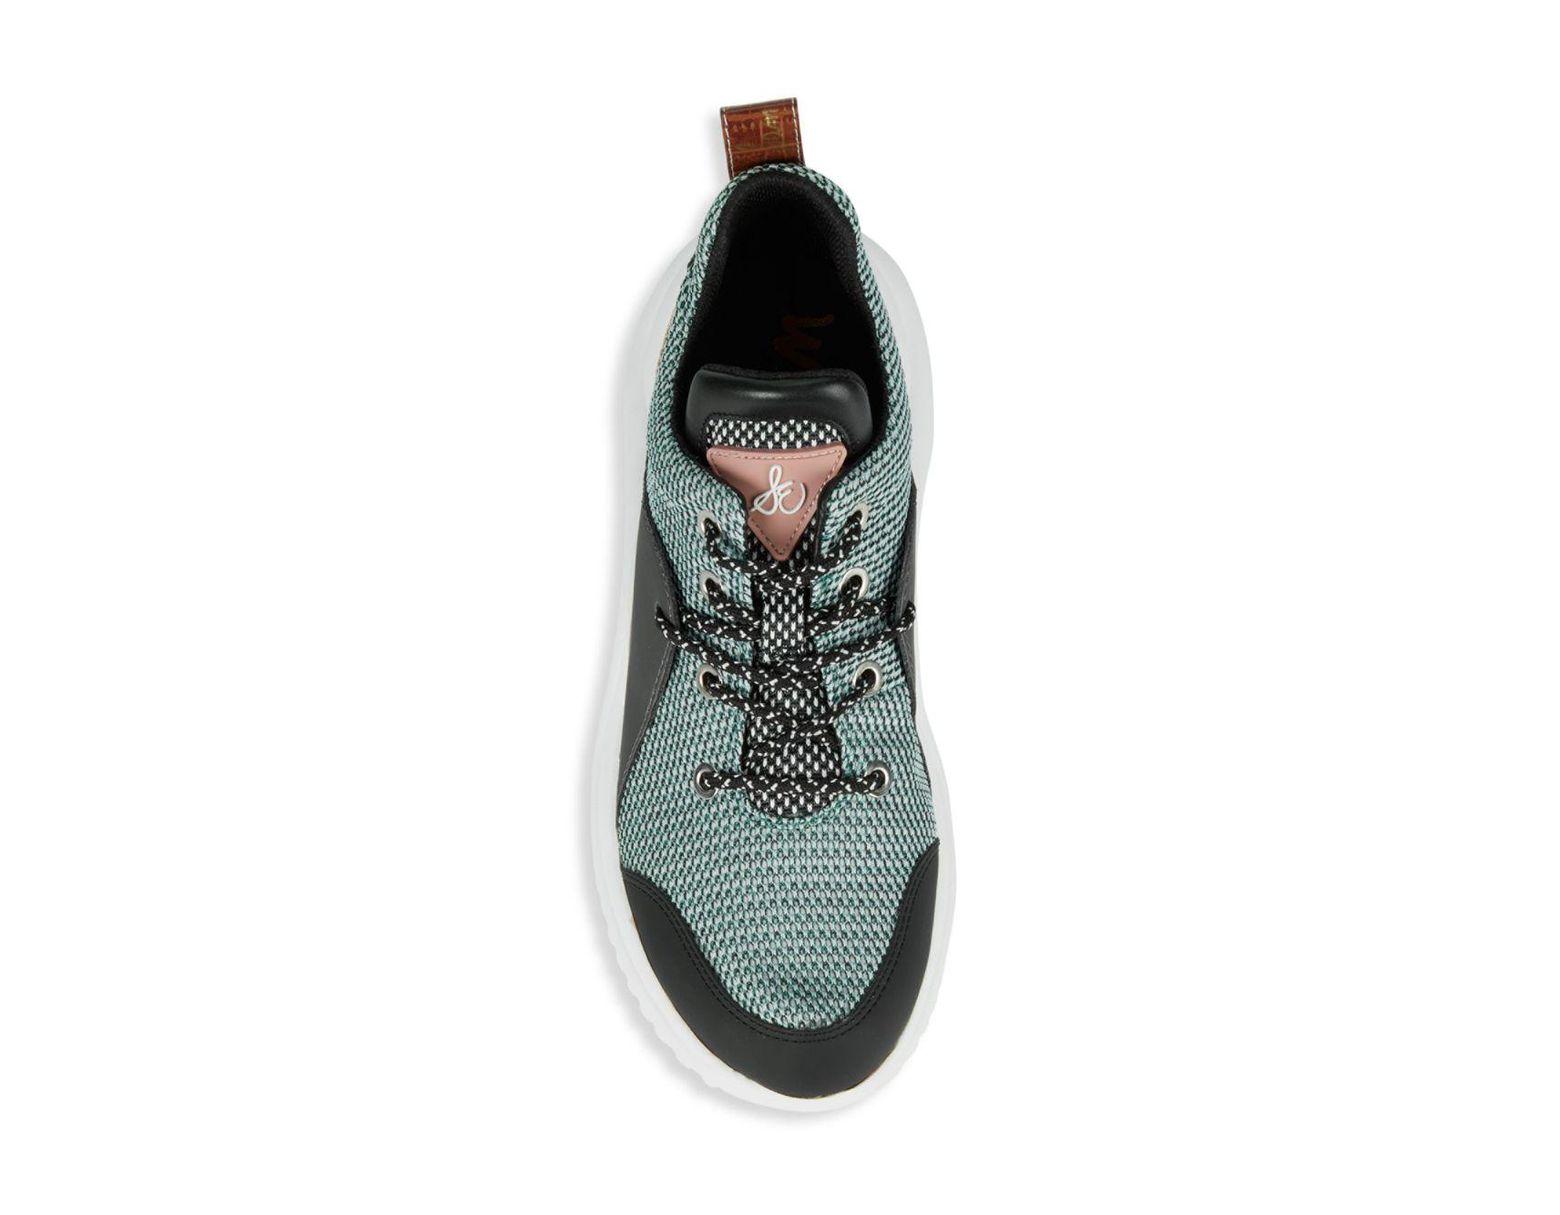 af3f5dc96e47d5 http://www.druentogiardini.it/Asos_ShoesShoesSandalsamp ...